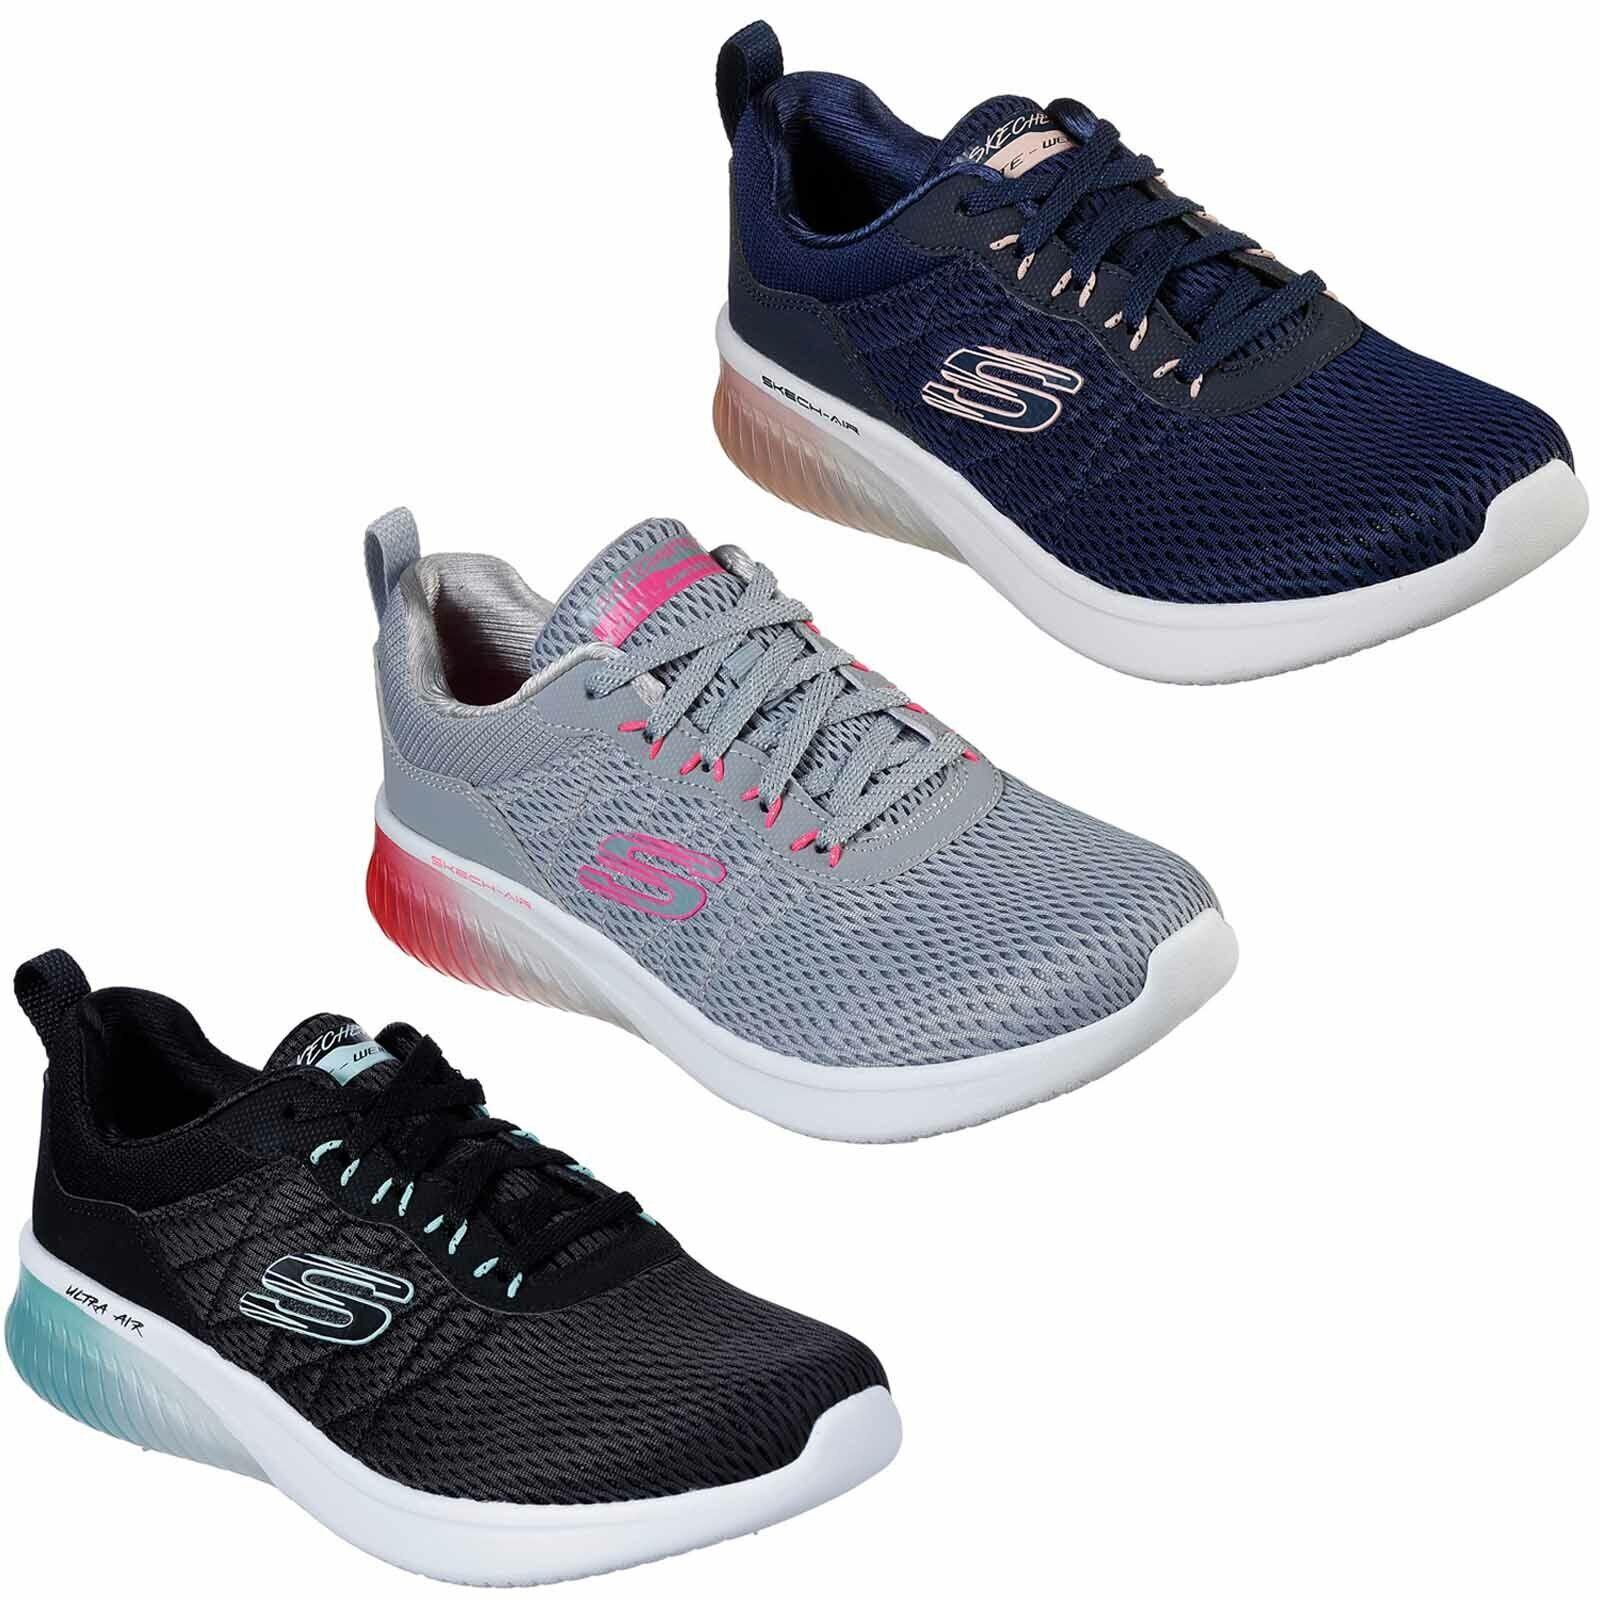 Skechers Skech-Air Ultra Flex Turnschuhe Gepolstert Sportlich Netz Damen Schuhe